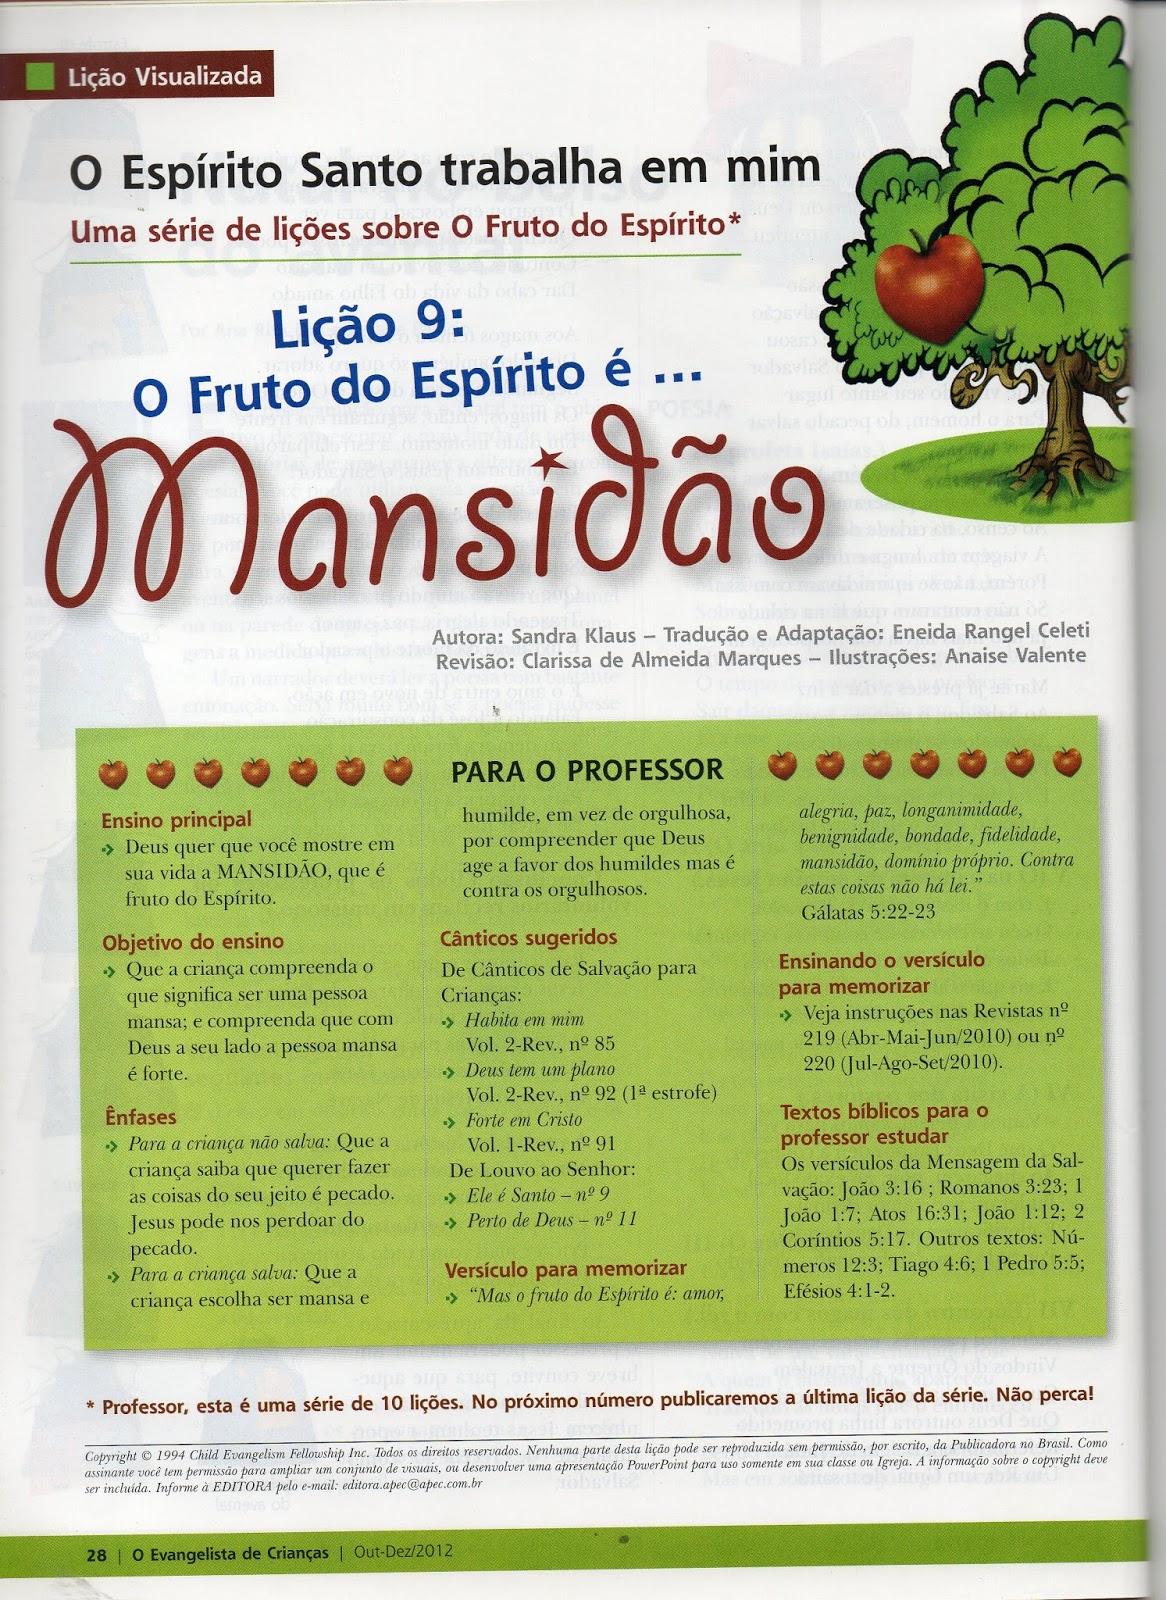 Extremamente Pequeninos de Jesus: Fruto do Espírito: Mansidão. HI63